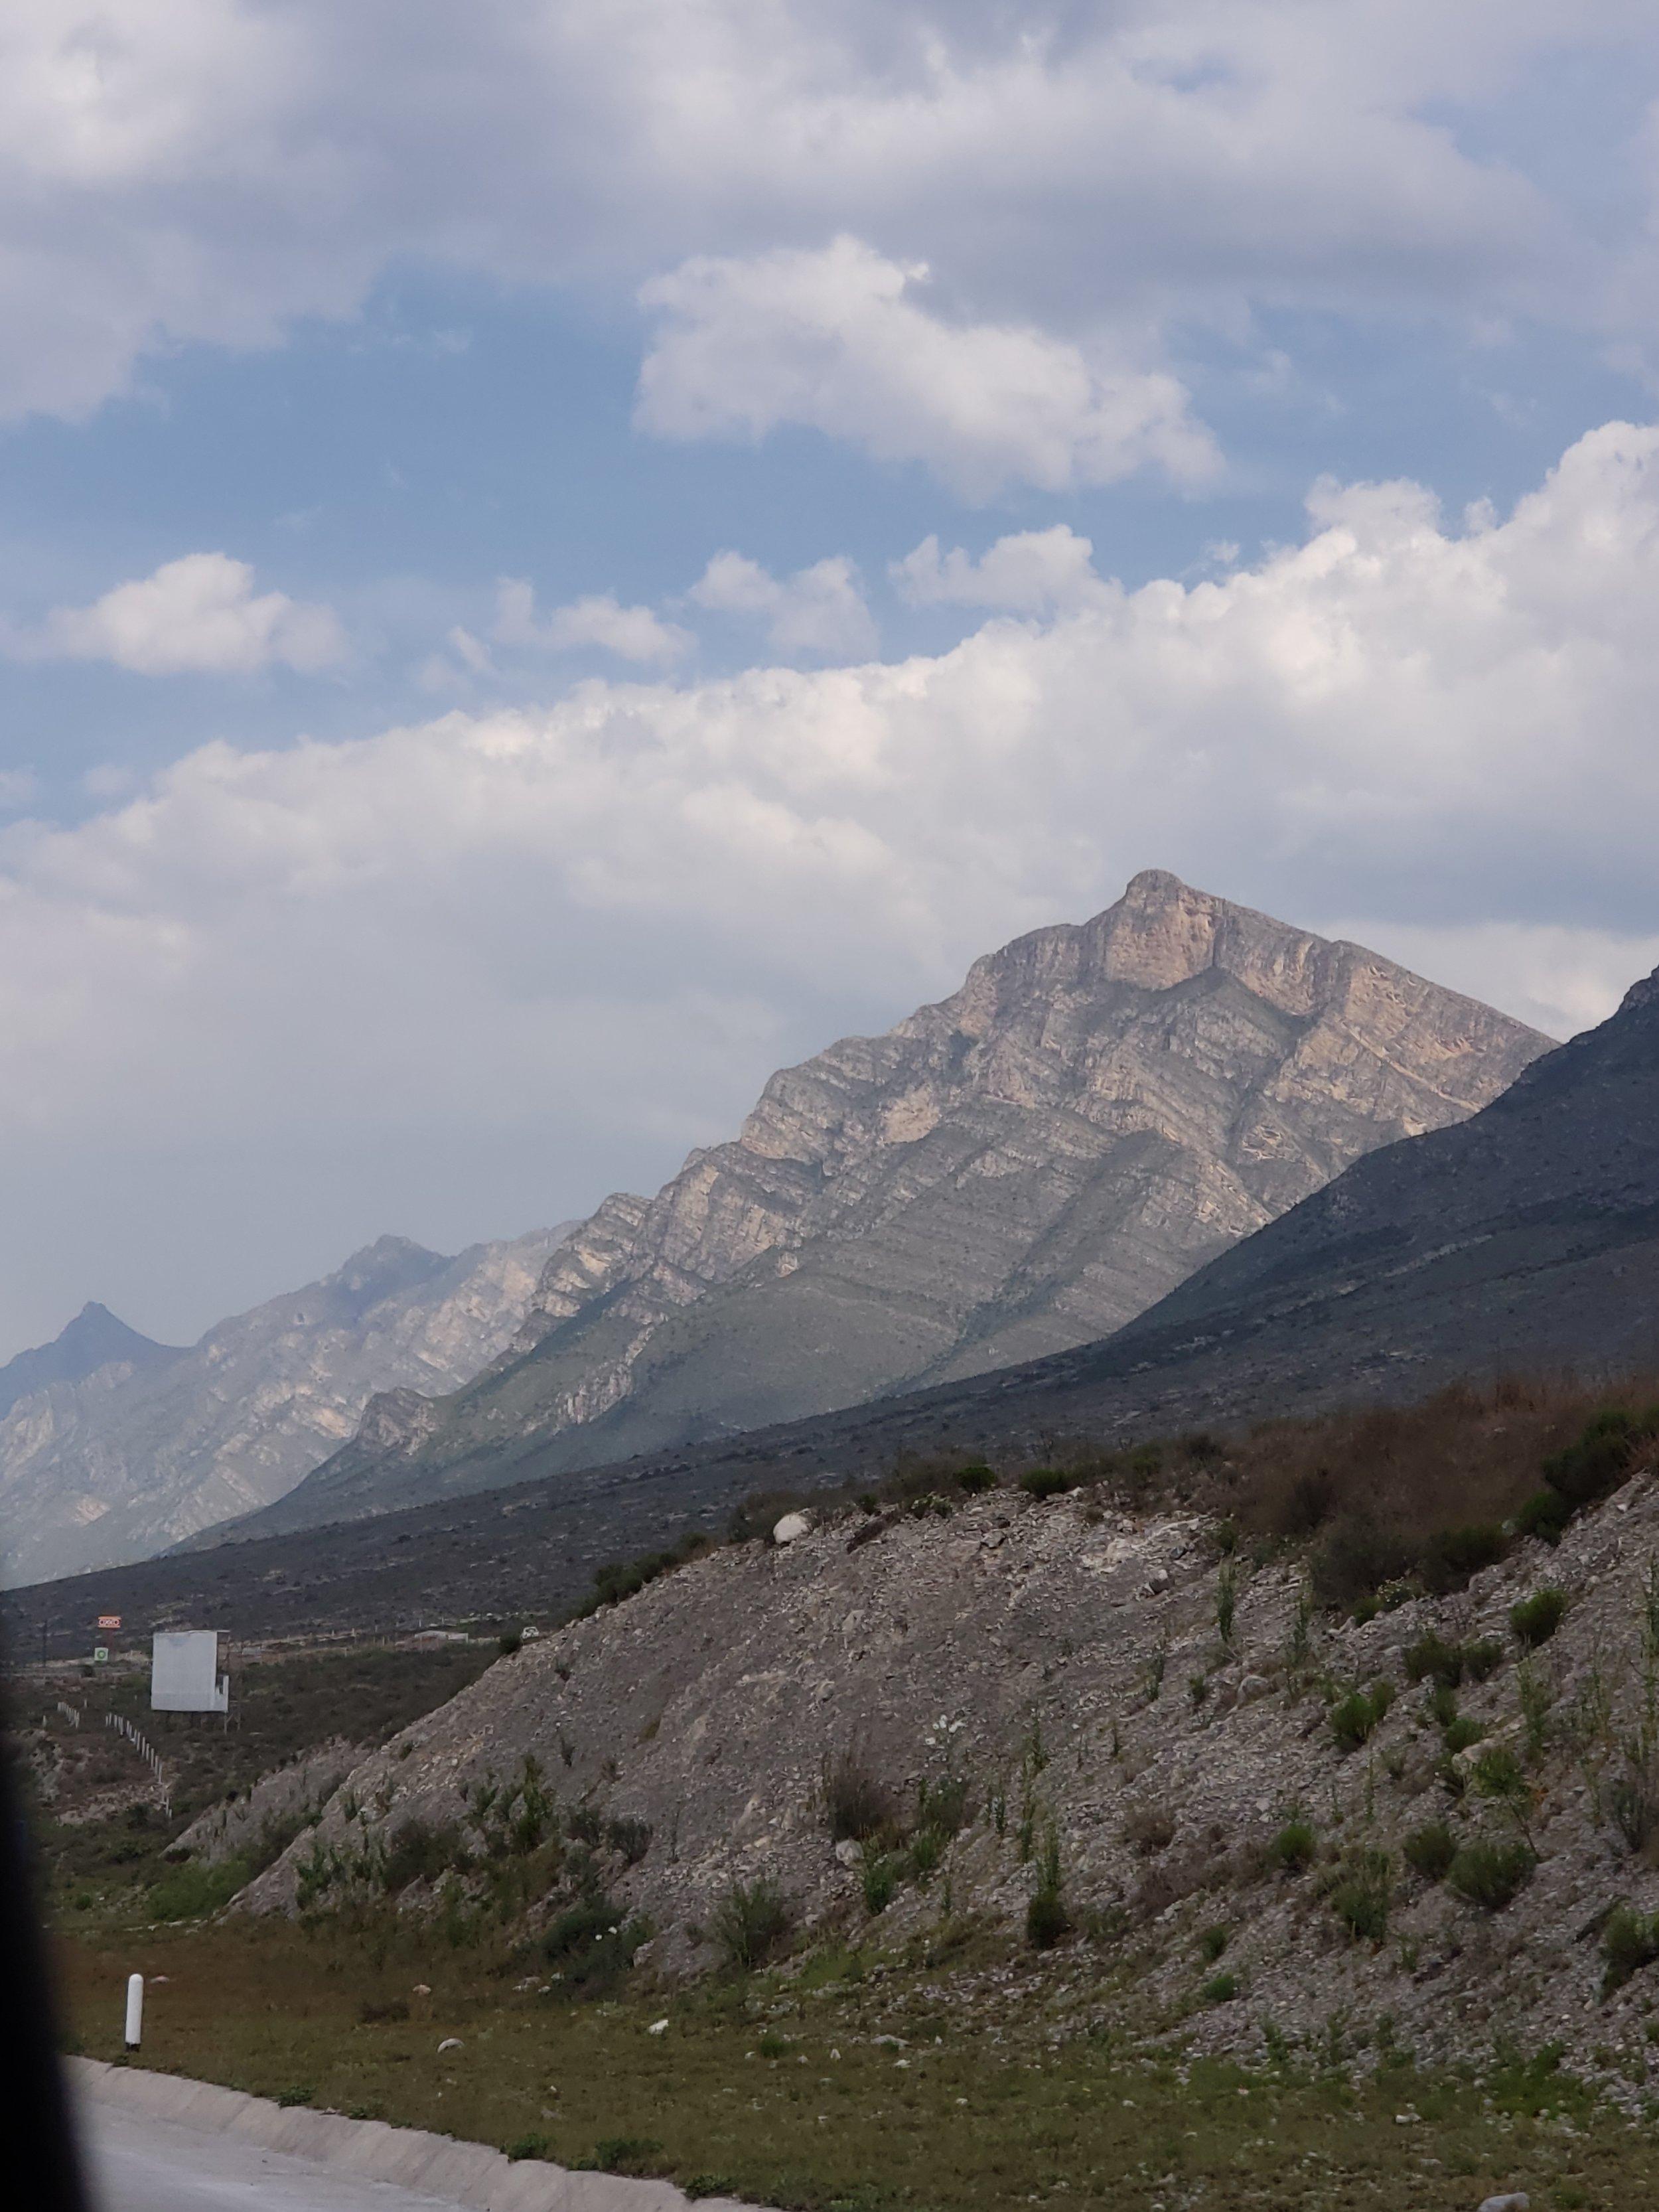 Coming into Monterrey